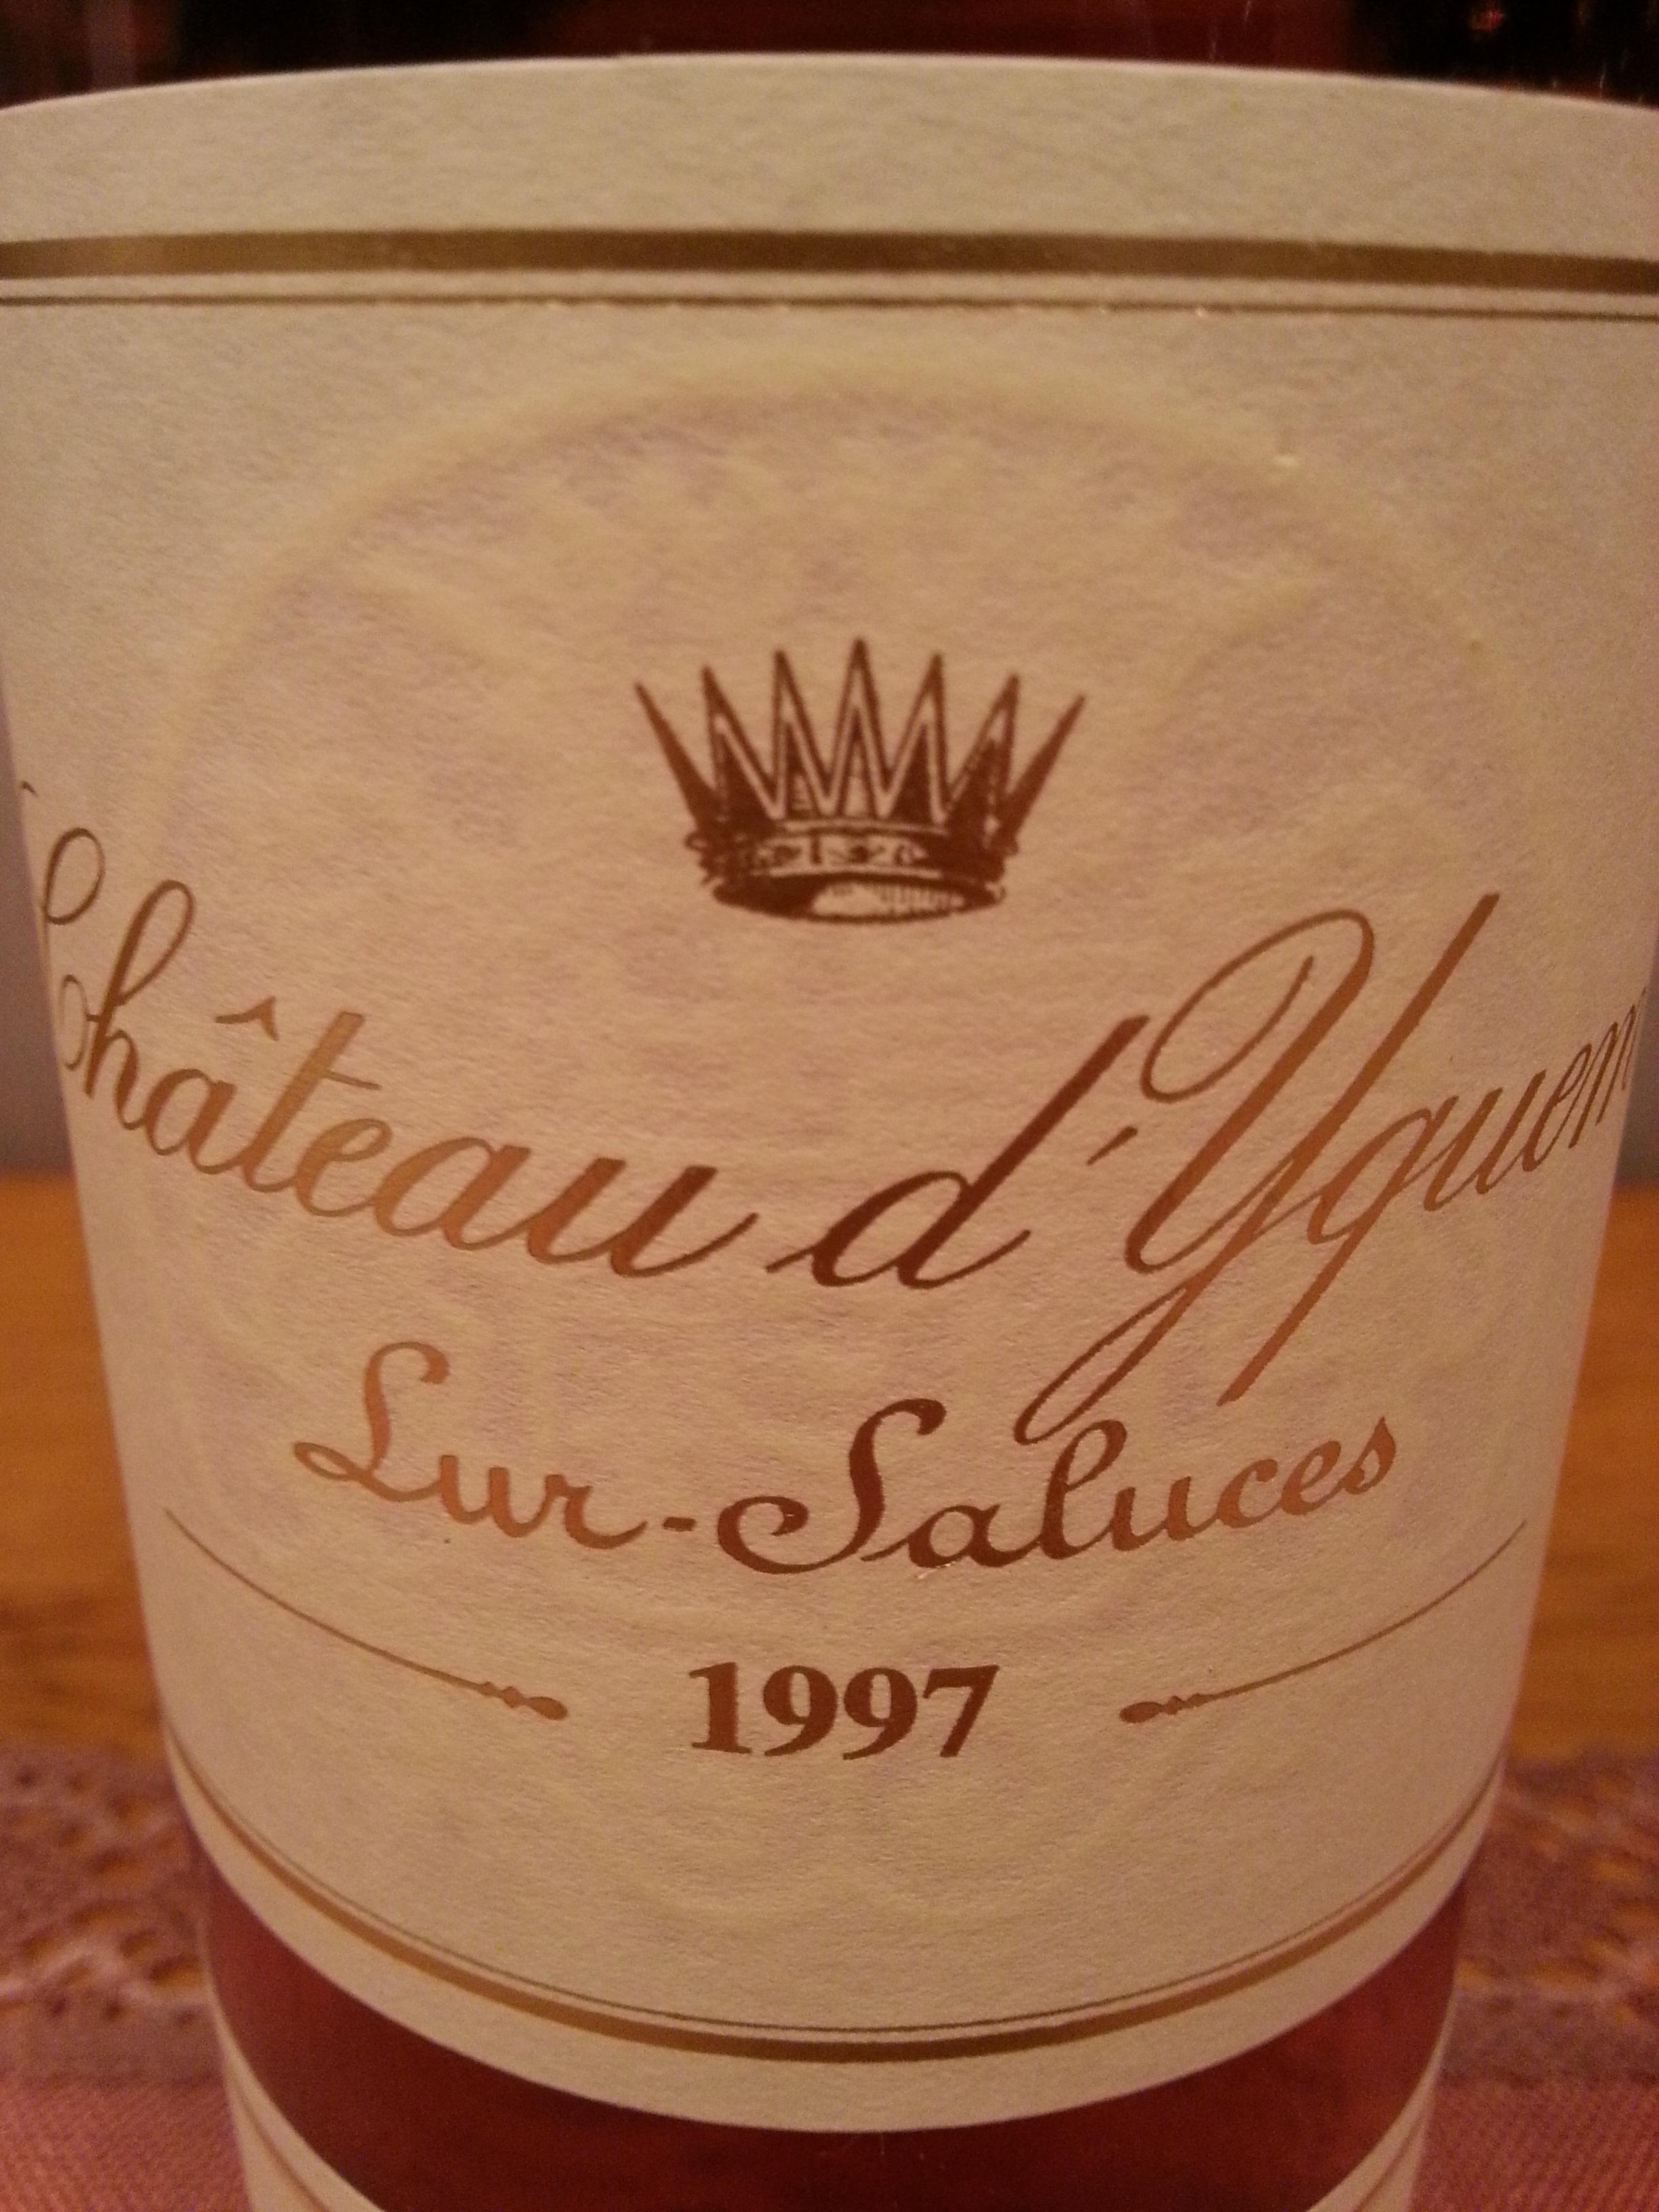 1997 Yquem | Château d'Yquem